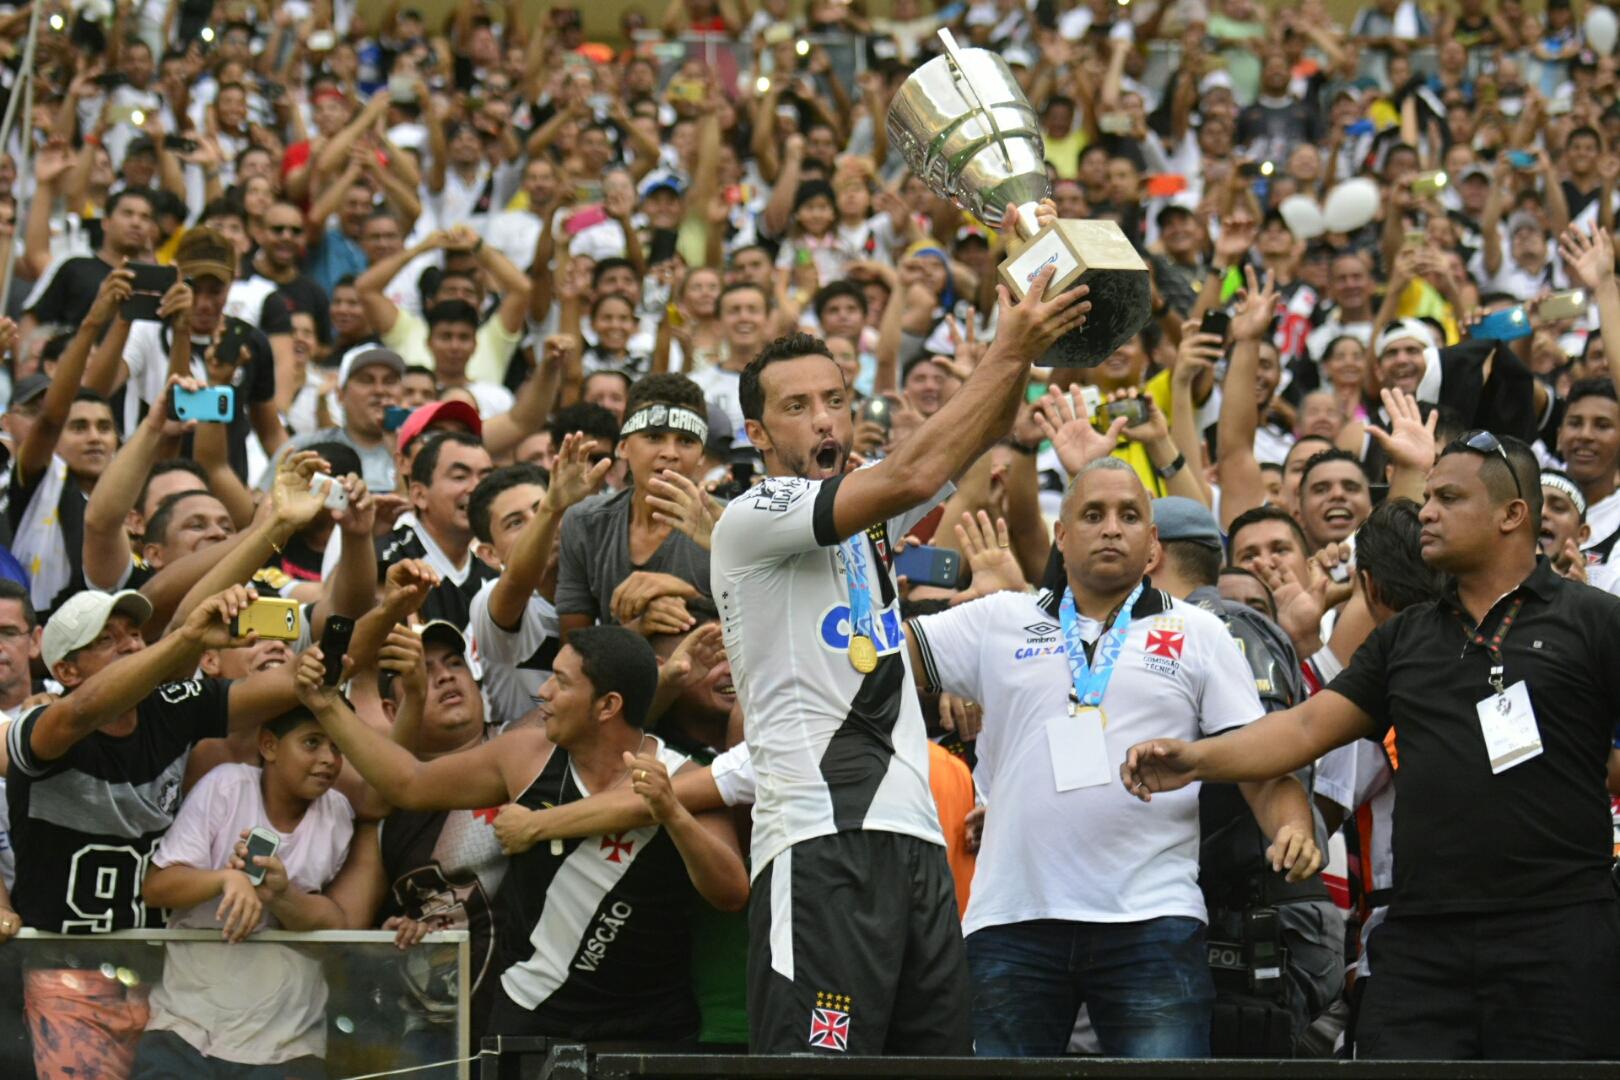 ac90399bd4742 Vasco e Arena da Amazônia  passado recente traz boas recordações